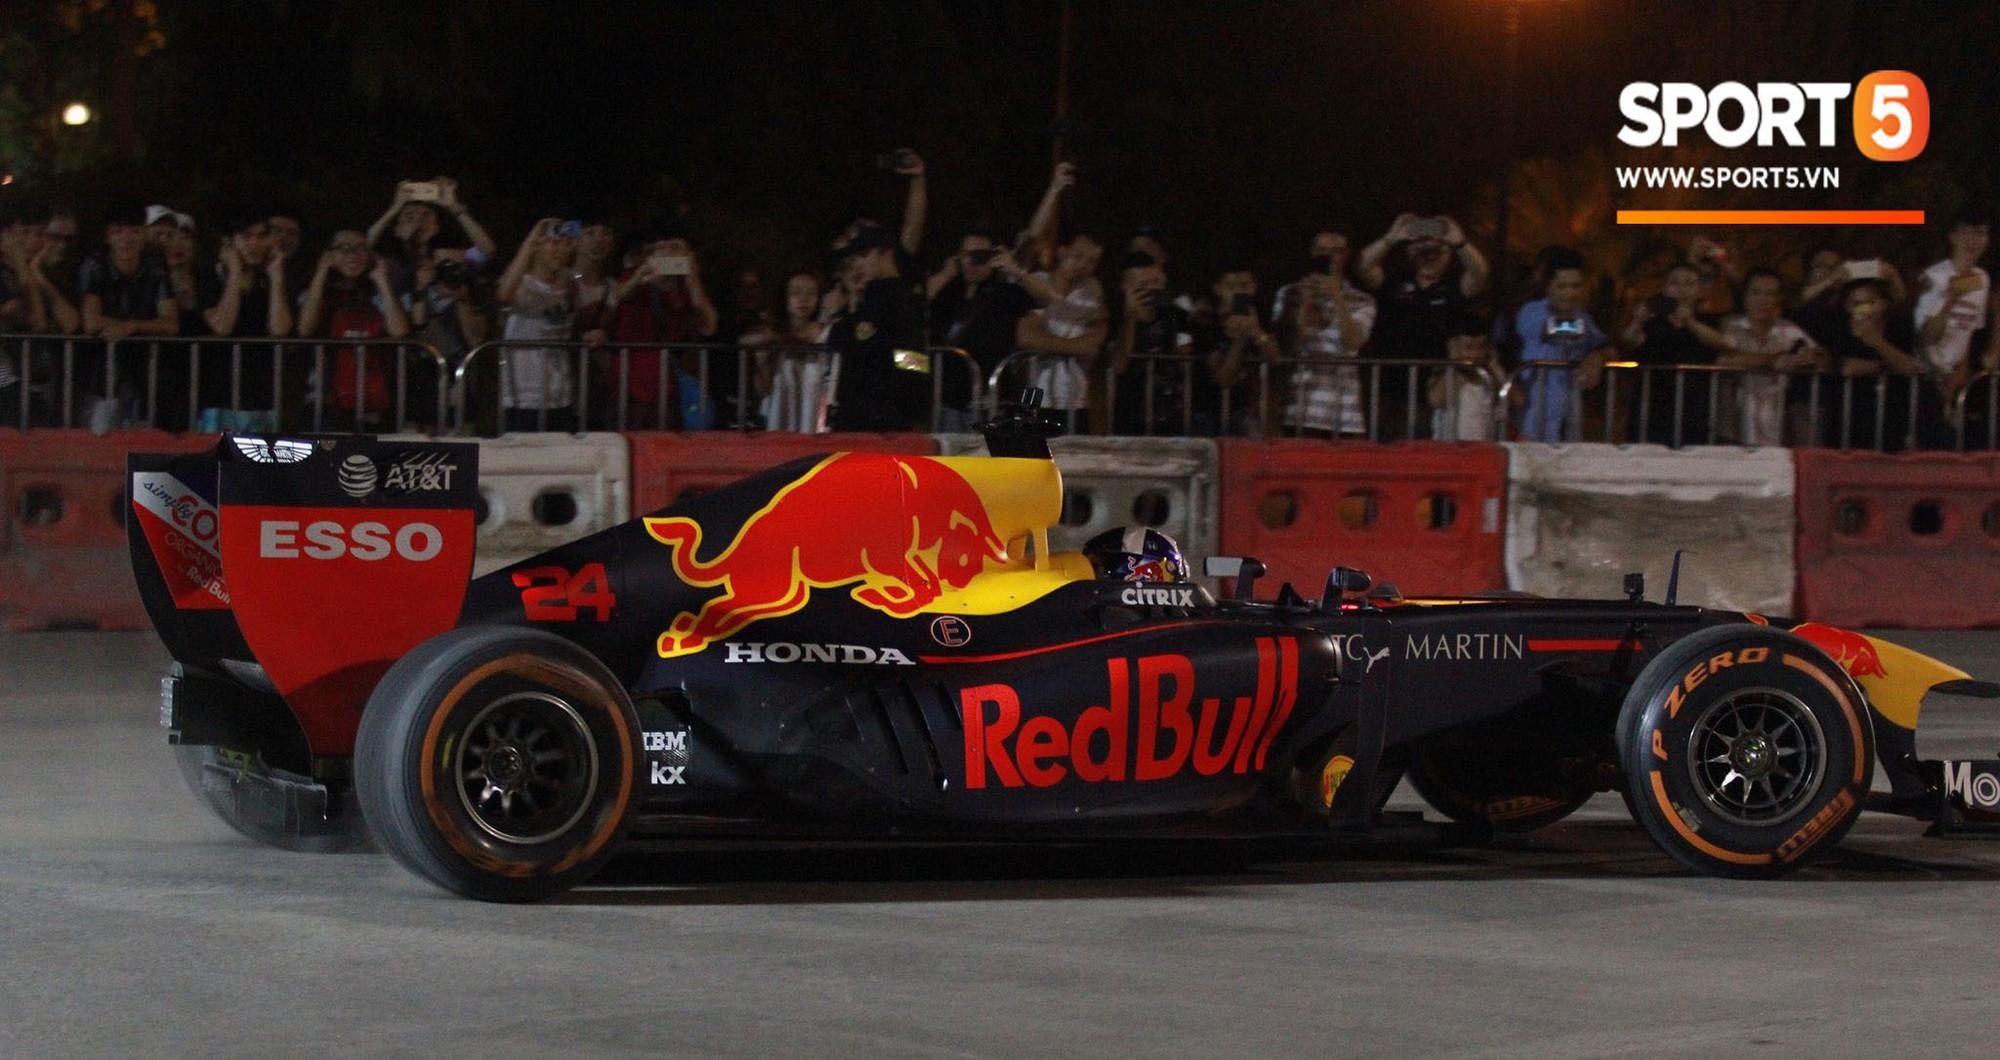 Sự kiện Khởi động F1 Việt Nam Grand Prix: Hoành tráng, mãn nhãn và đầy hứa hẹn - Ảnh 7.